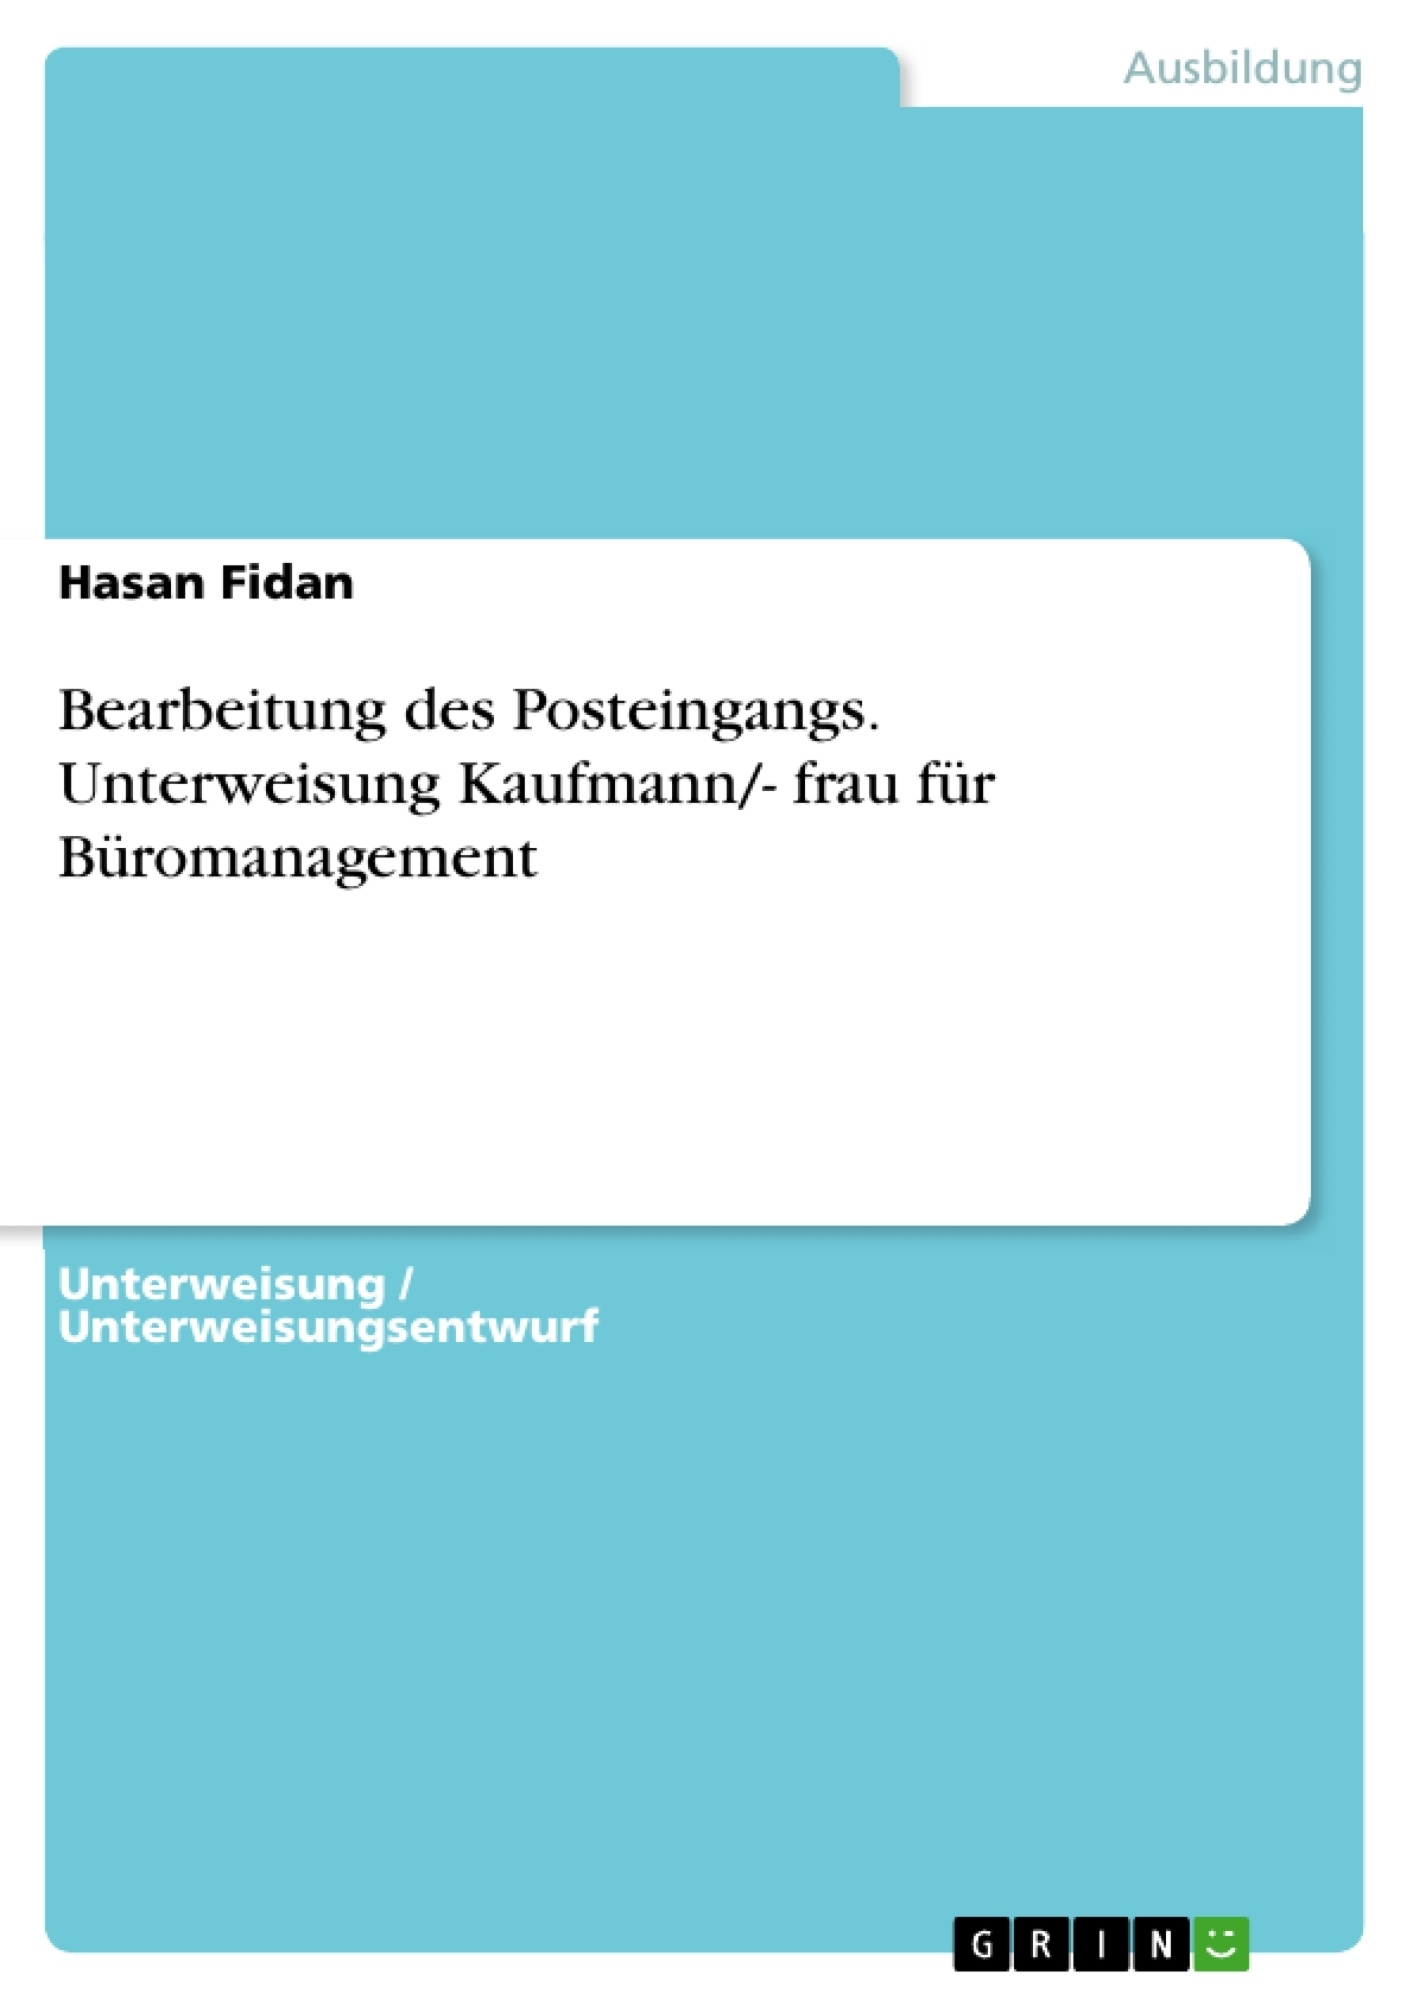 Titel: Bearbeitung des Posteingangs. Unterweisung Kaufmann/- frau für Büromanagement